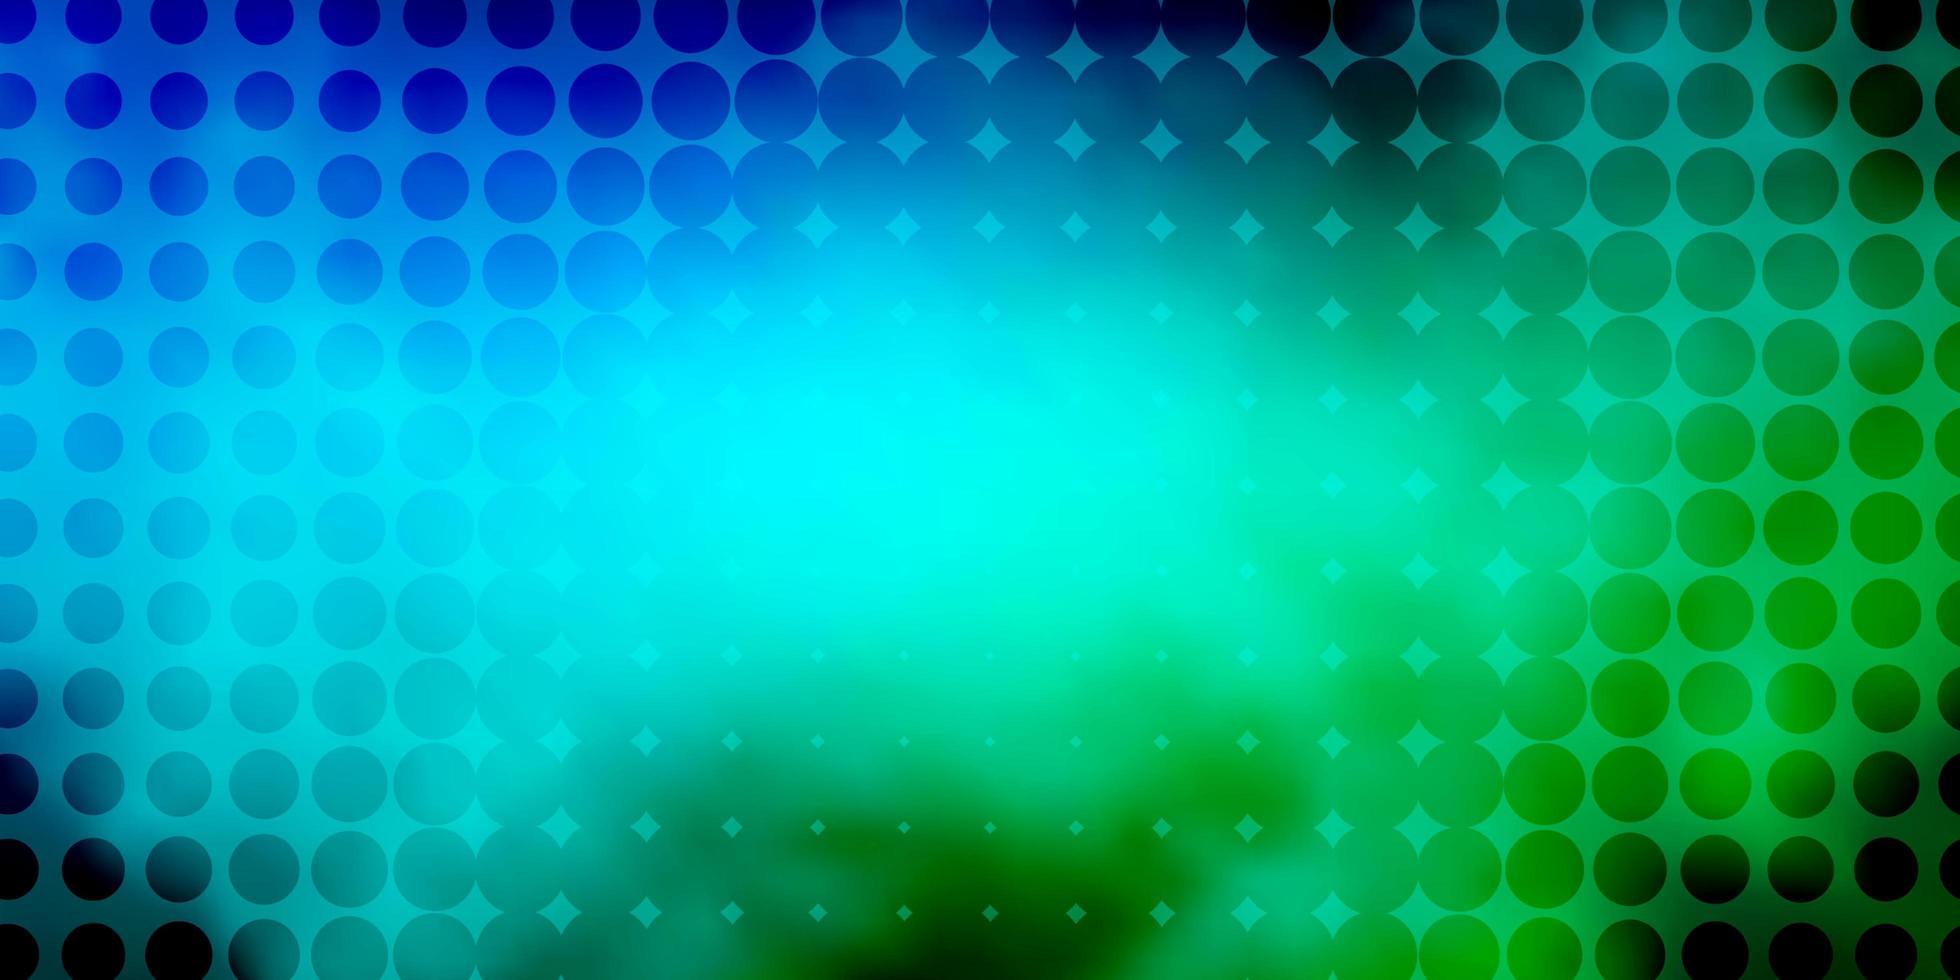 blå och grön bakgrund med cirklar. vektor